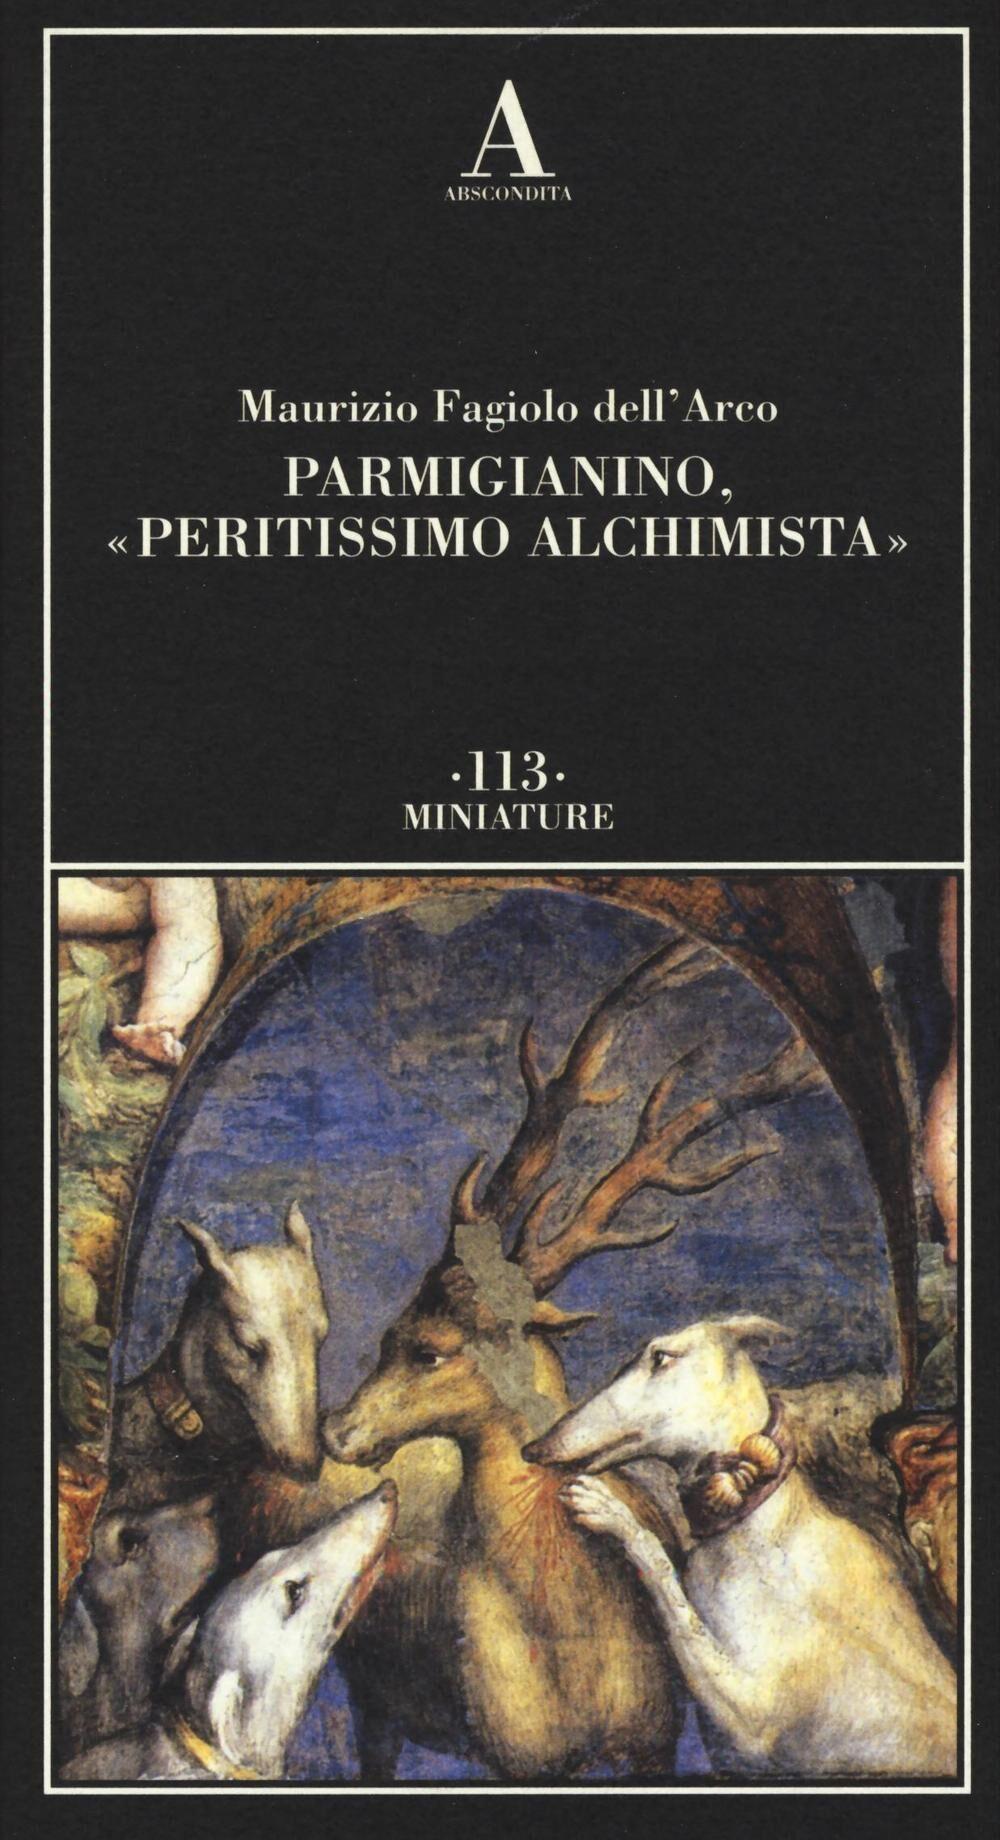 Parmigianino, «peritissimo alchimista»